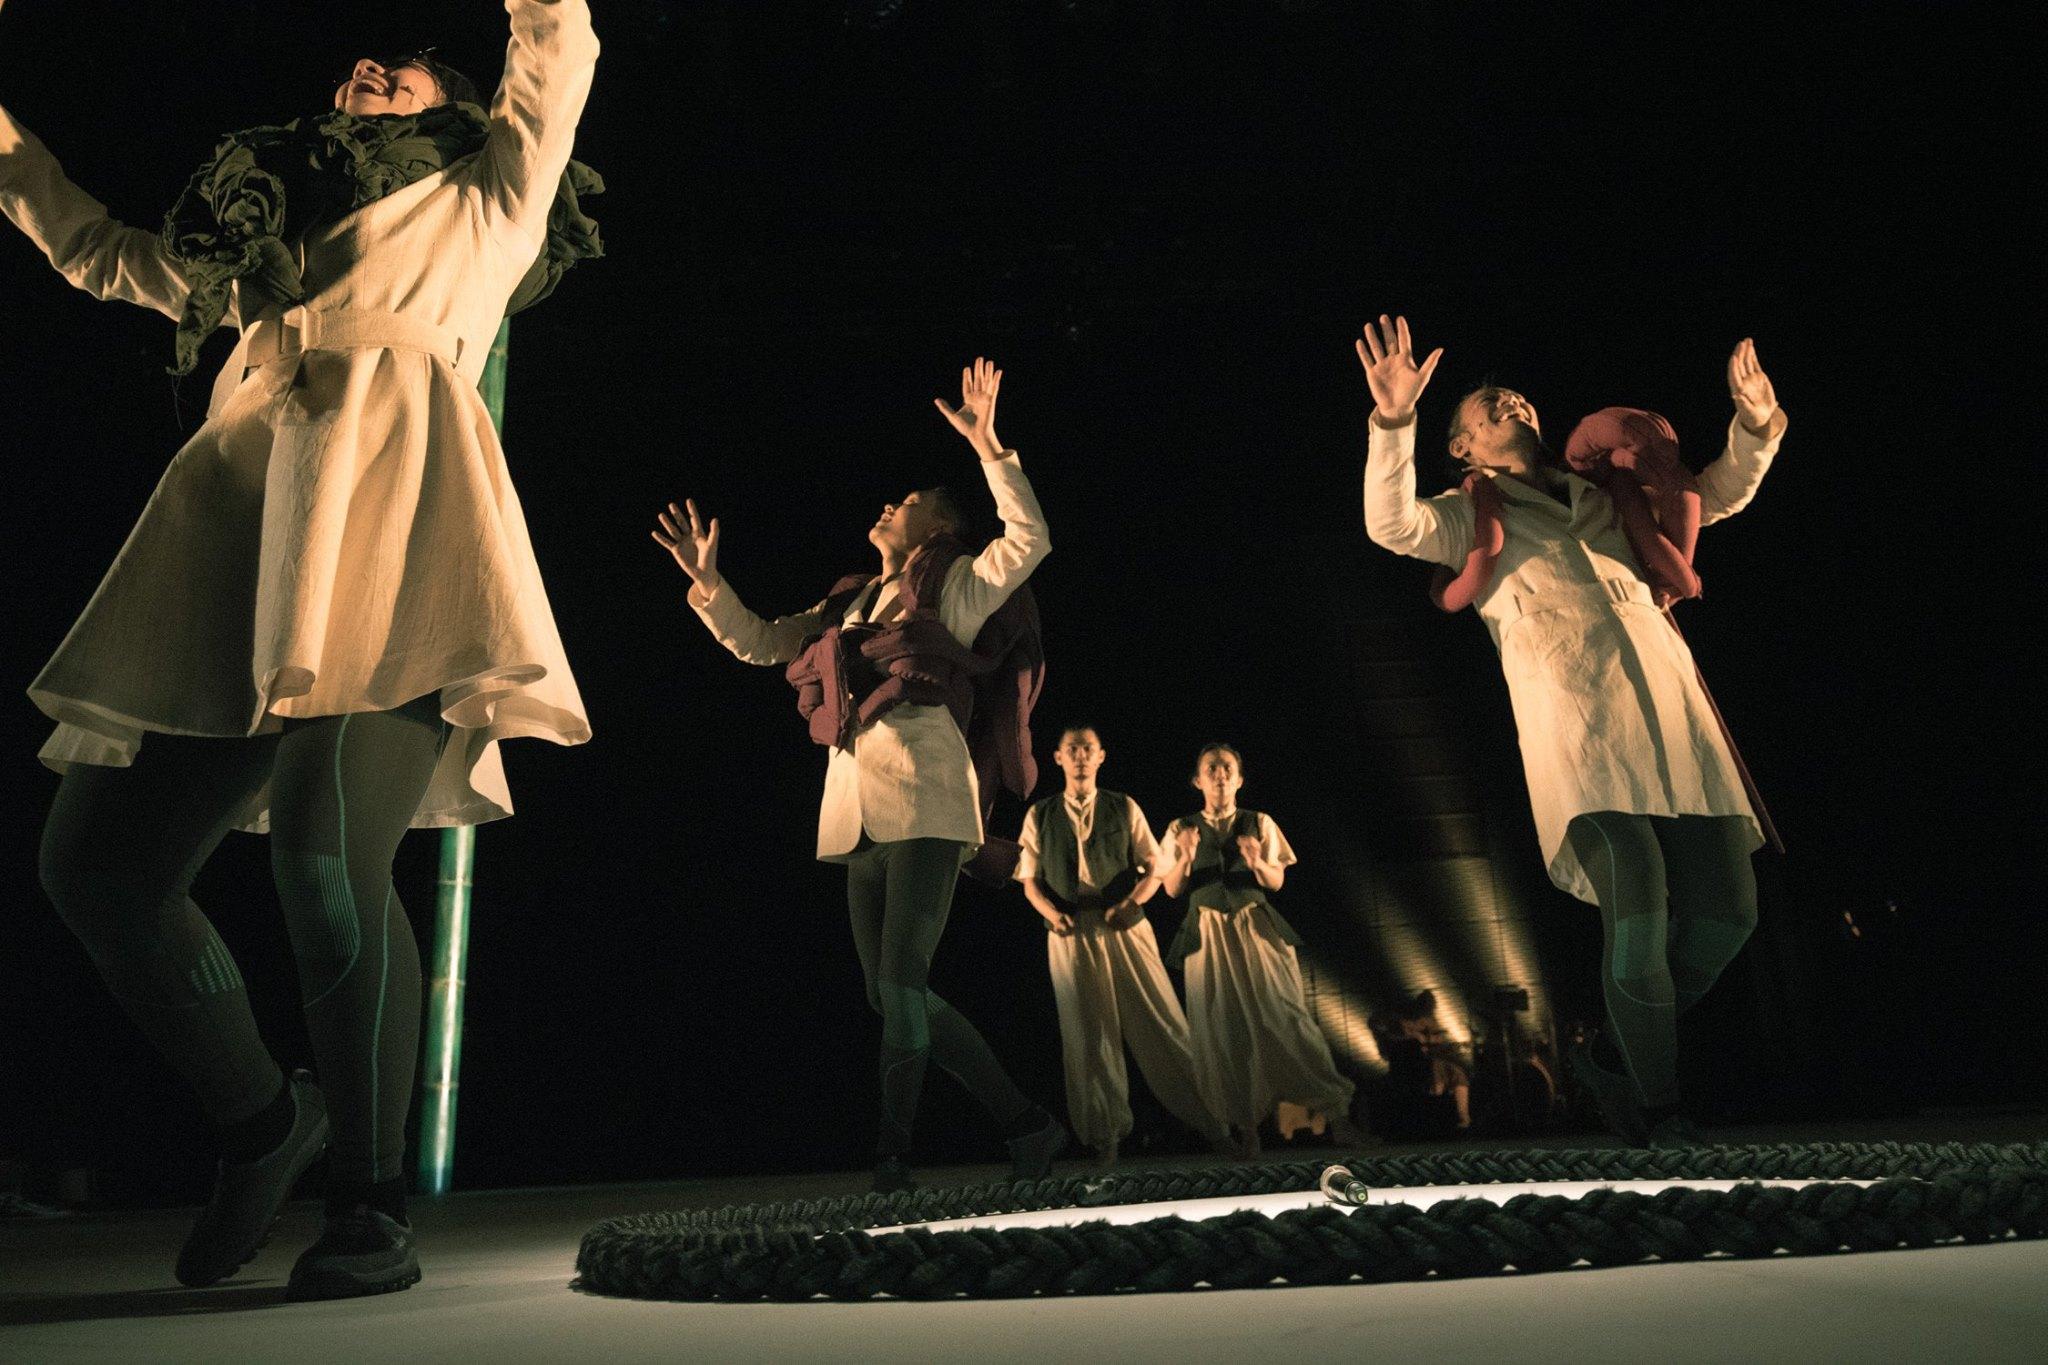 林俊熠:燈光是舞台的靈魂